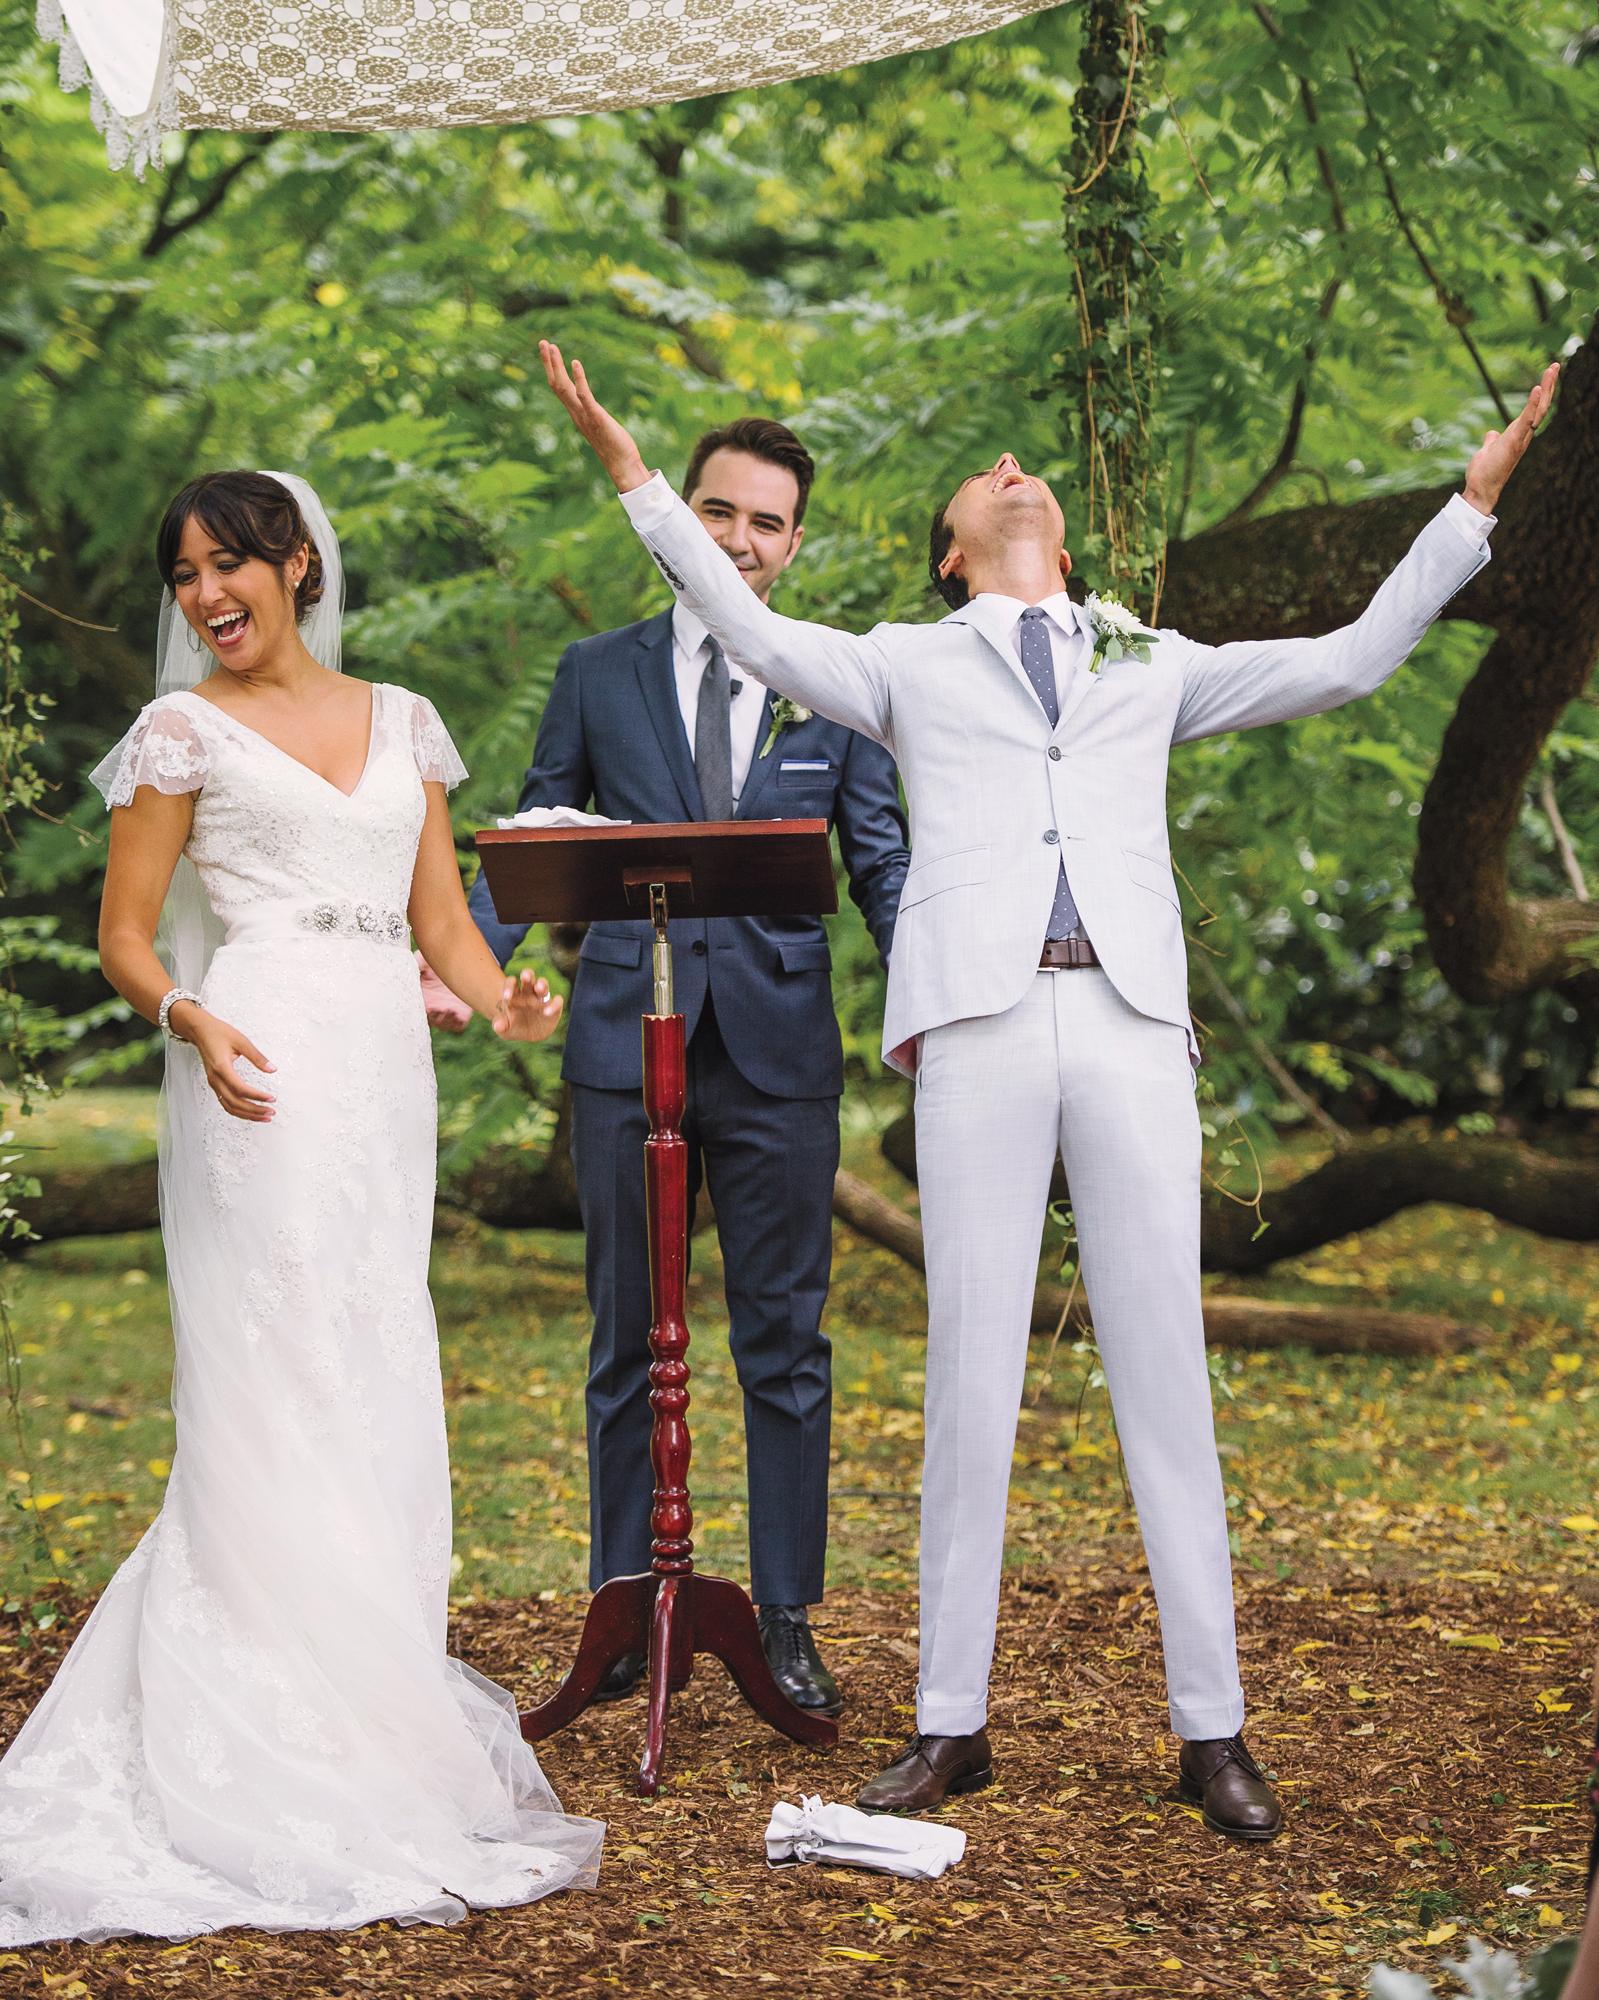 claire-evan-wedding-north-carolina-004-s111883.jpg